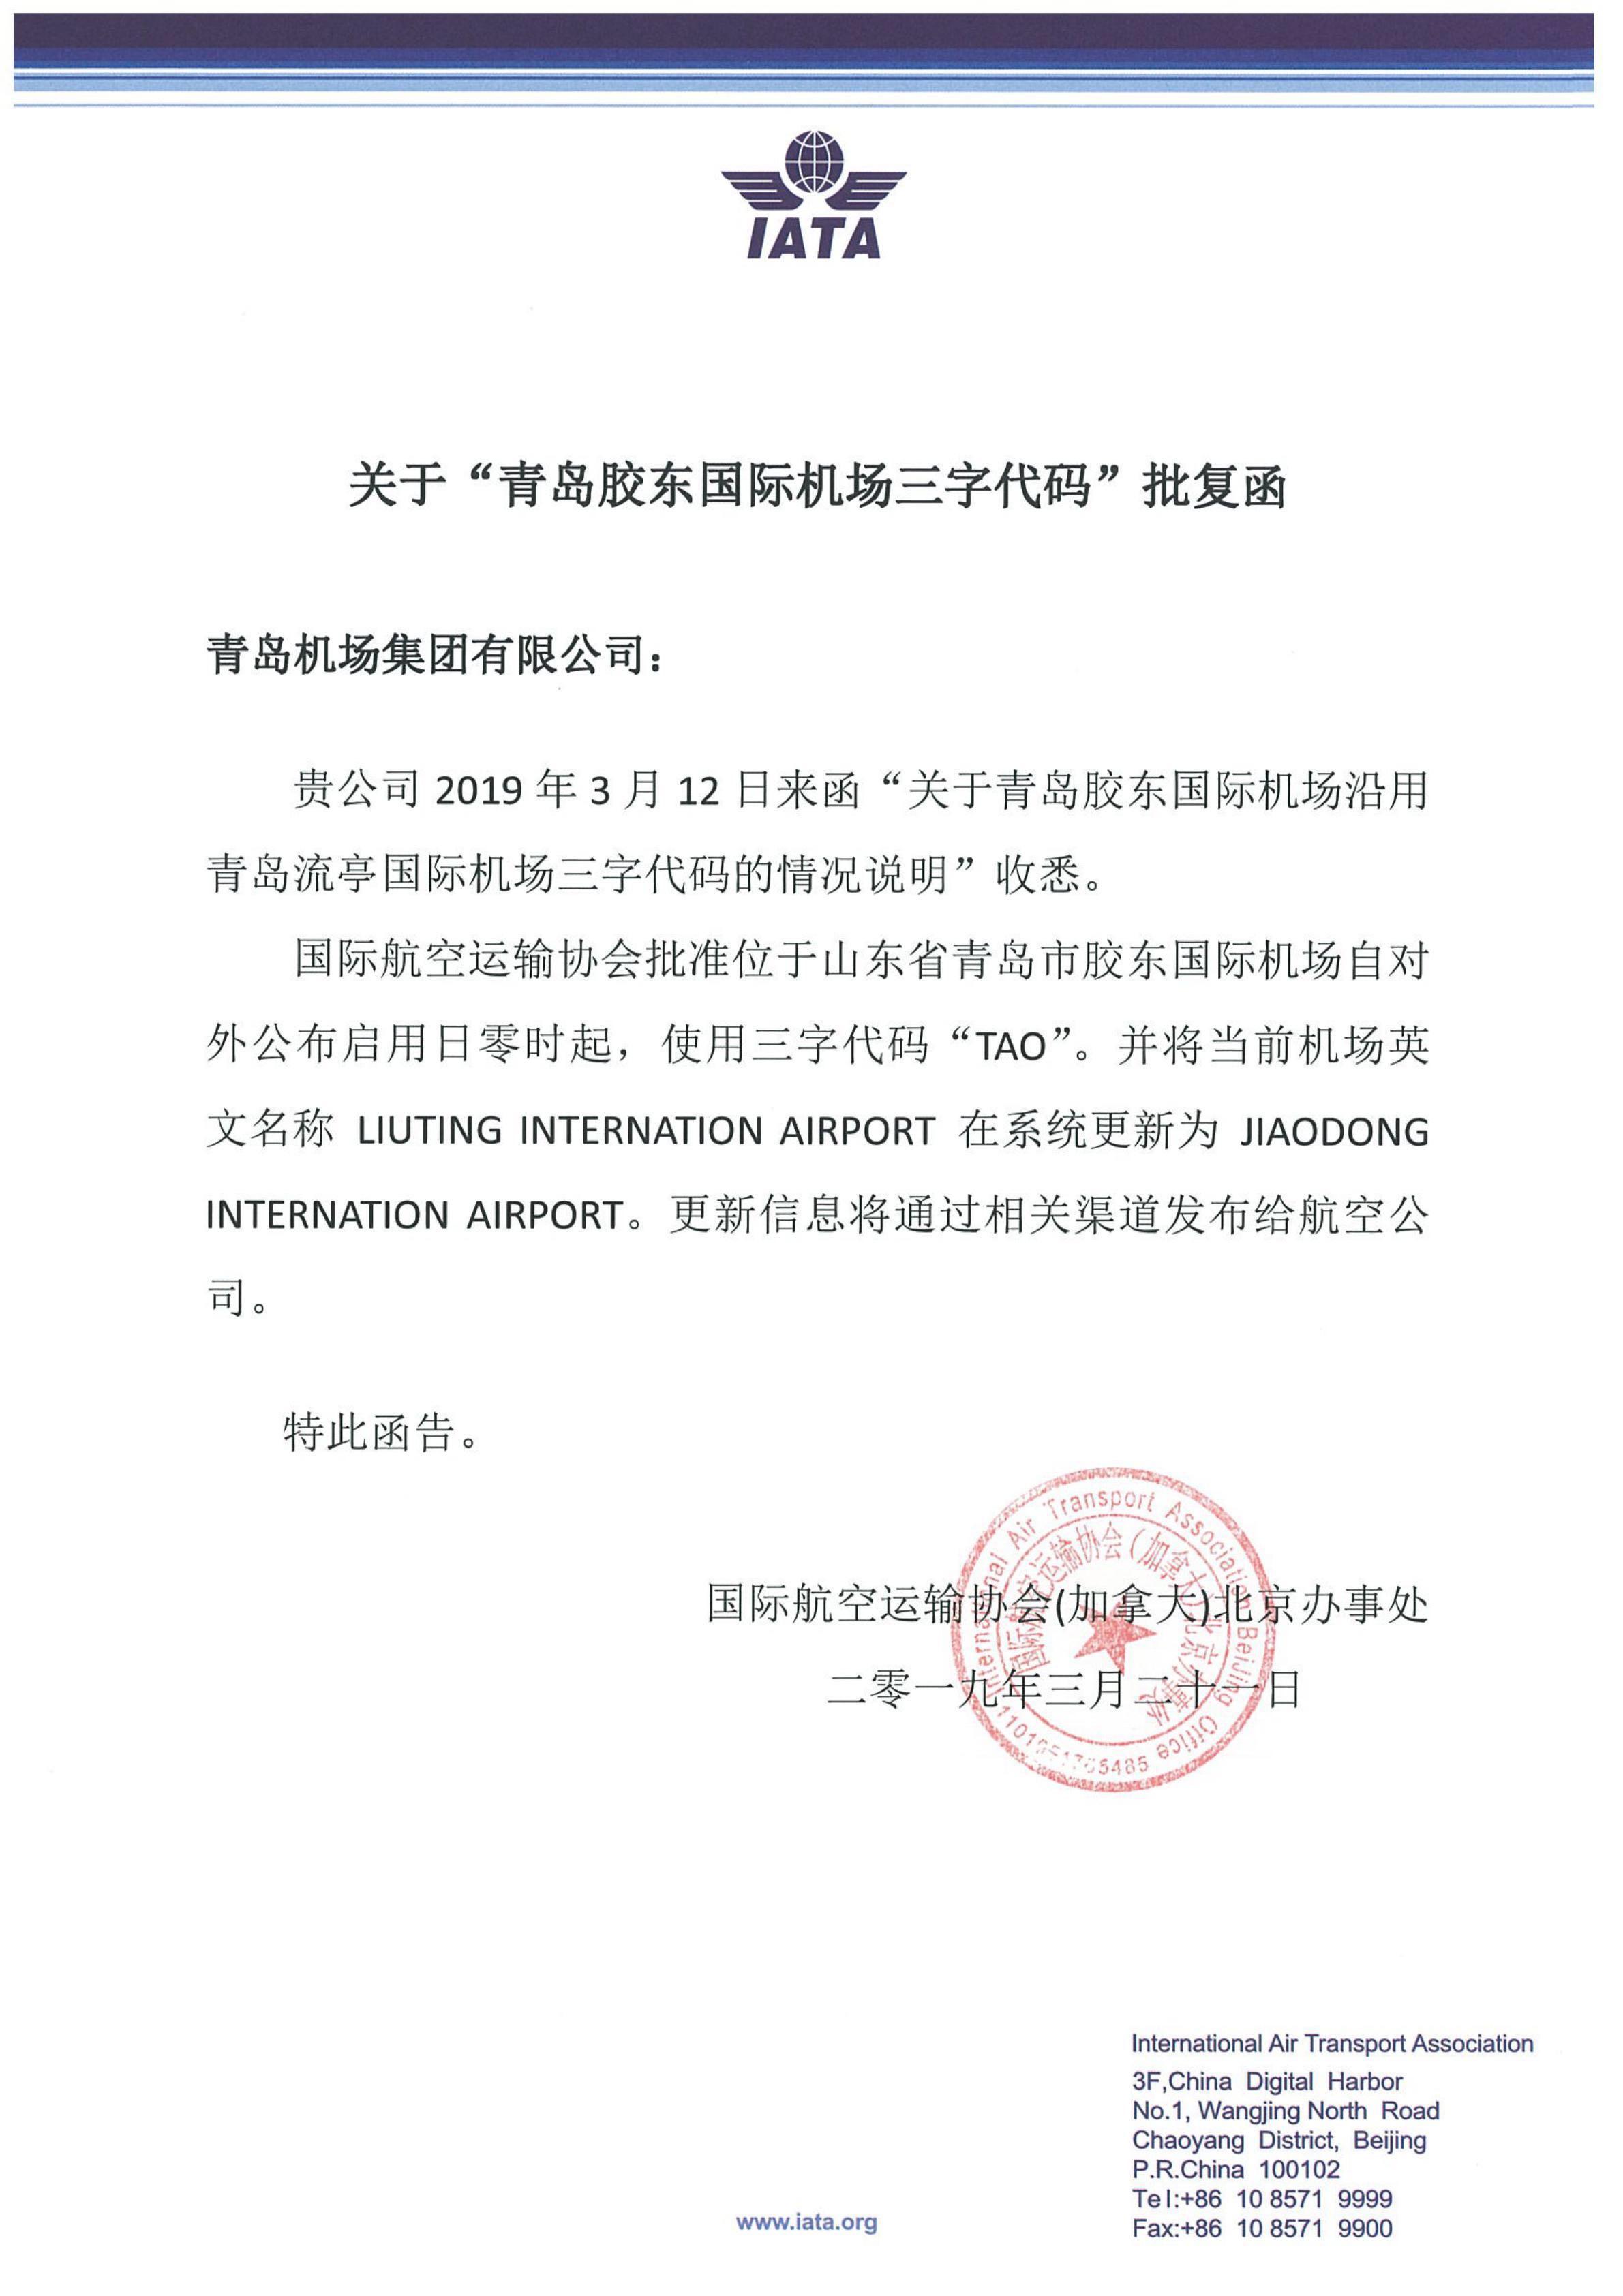 """青岛胶东国际机场""""三字代码""""获得国际航空运输协会批复"""